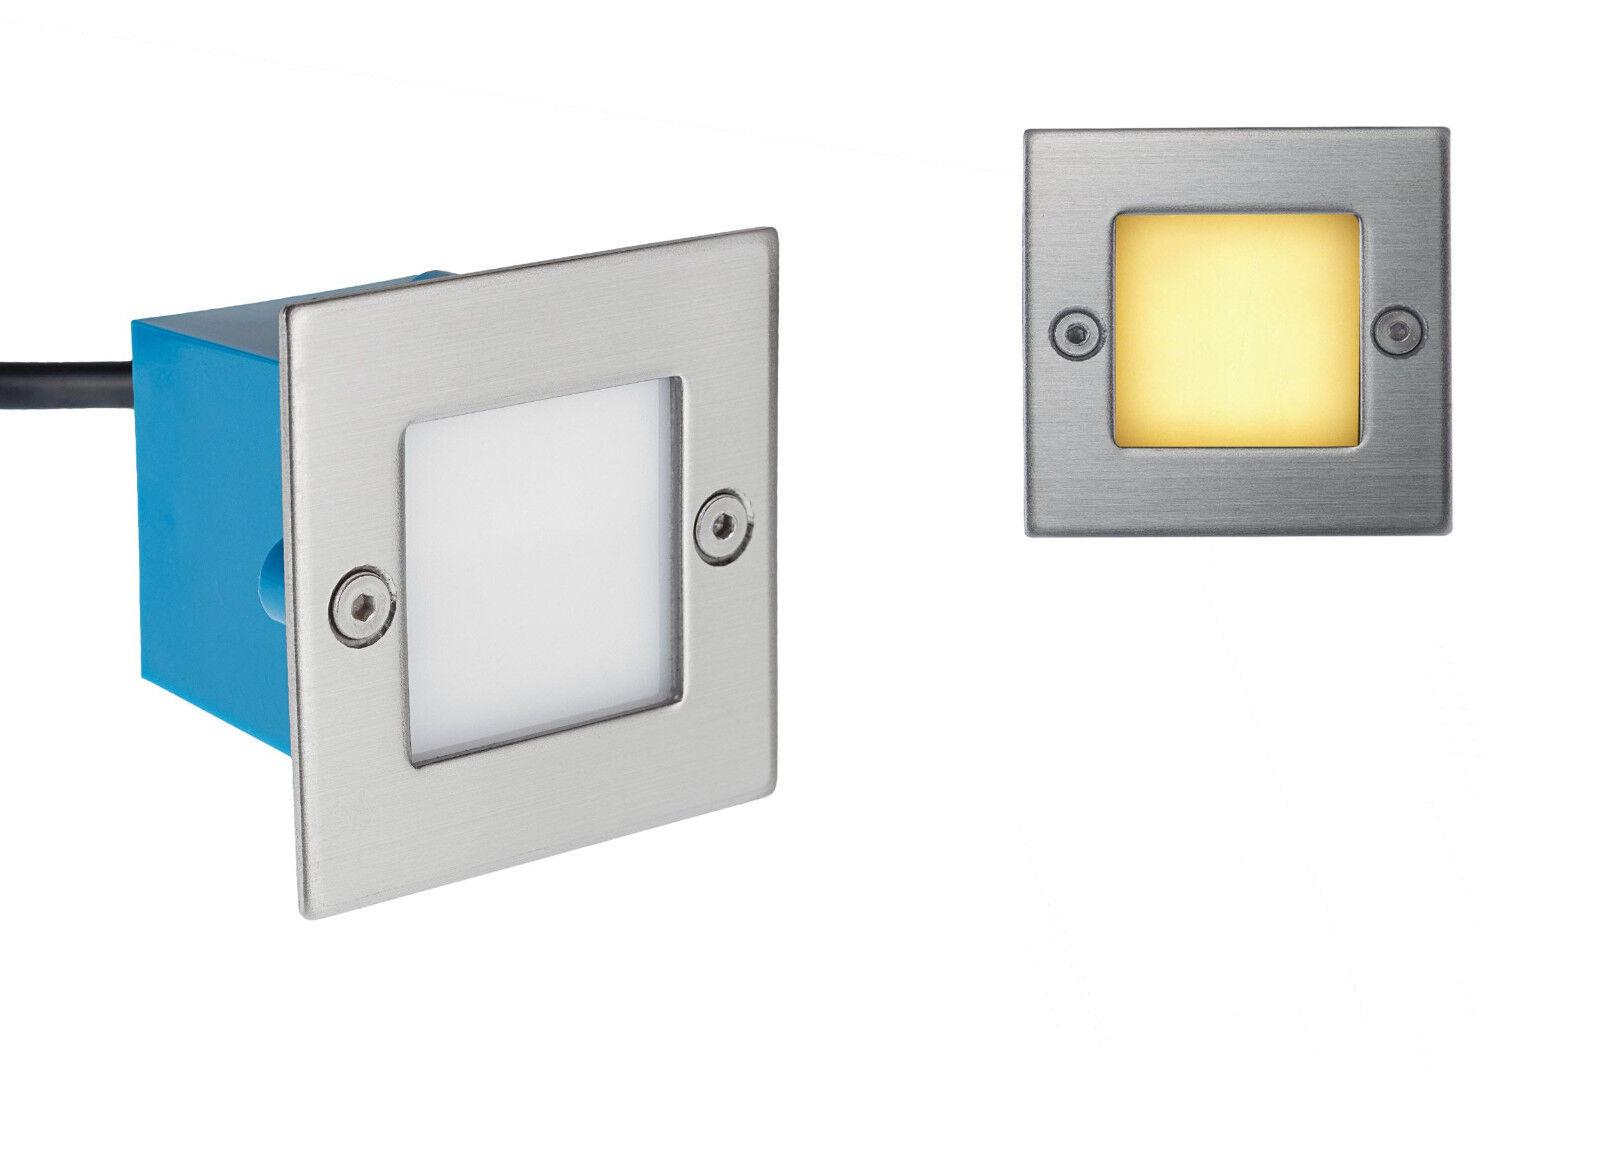 7x LED Treppenleuchte LED Wandeinbauleuchte Janus IP54 Warmweiss